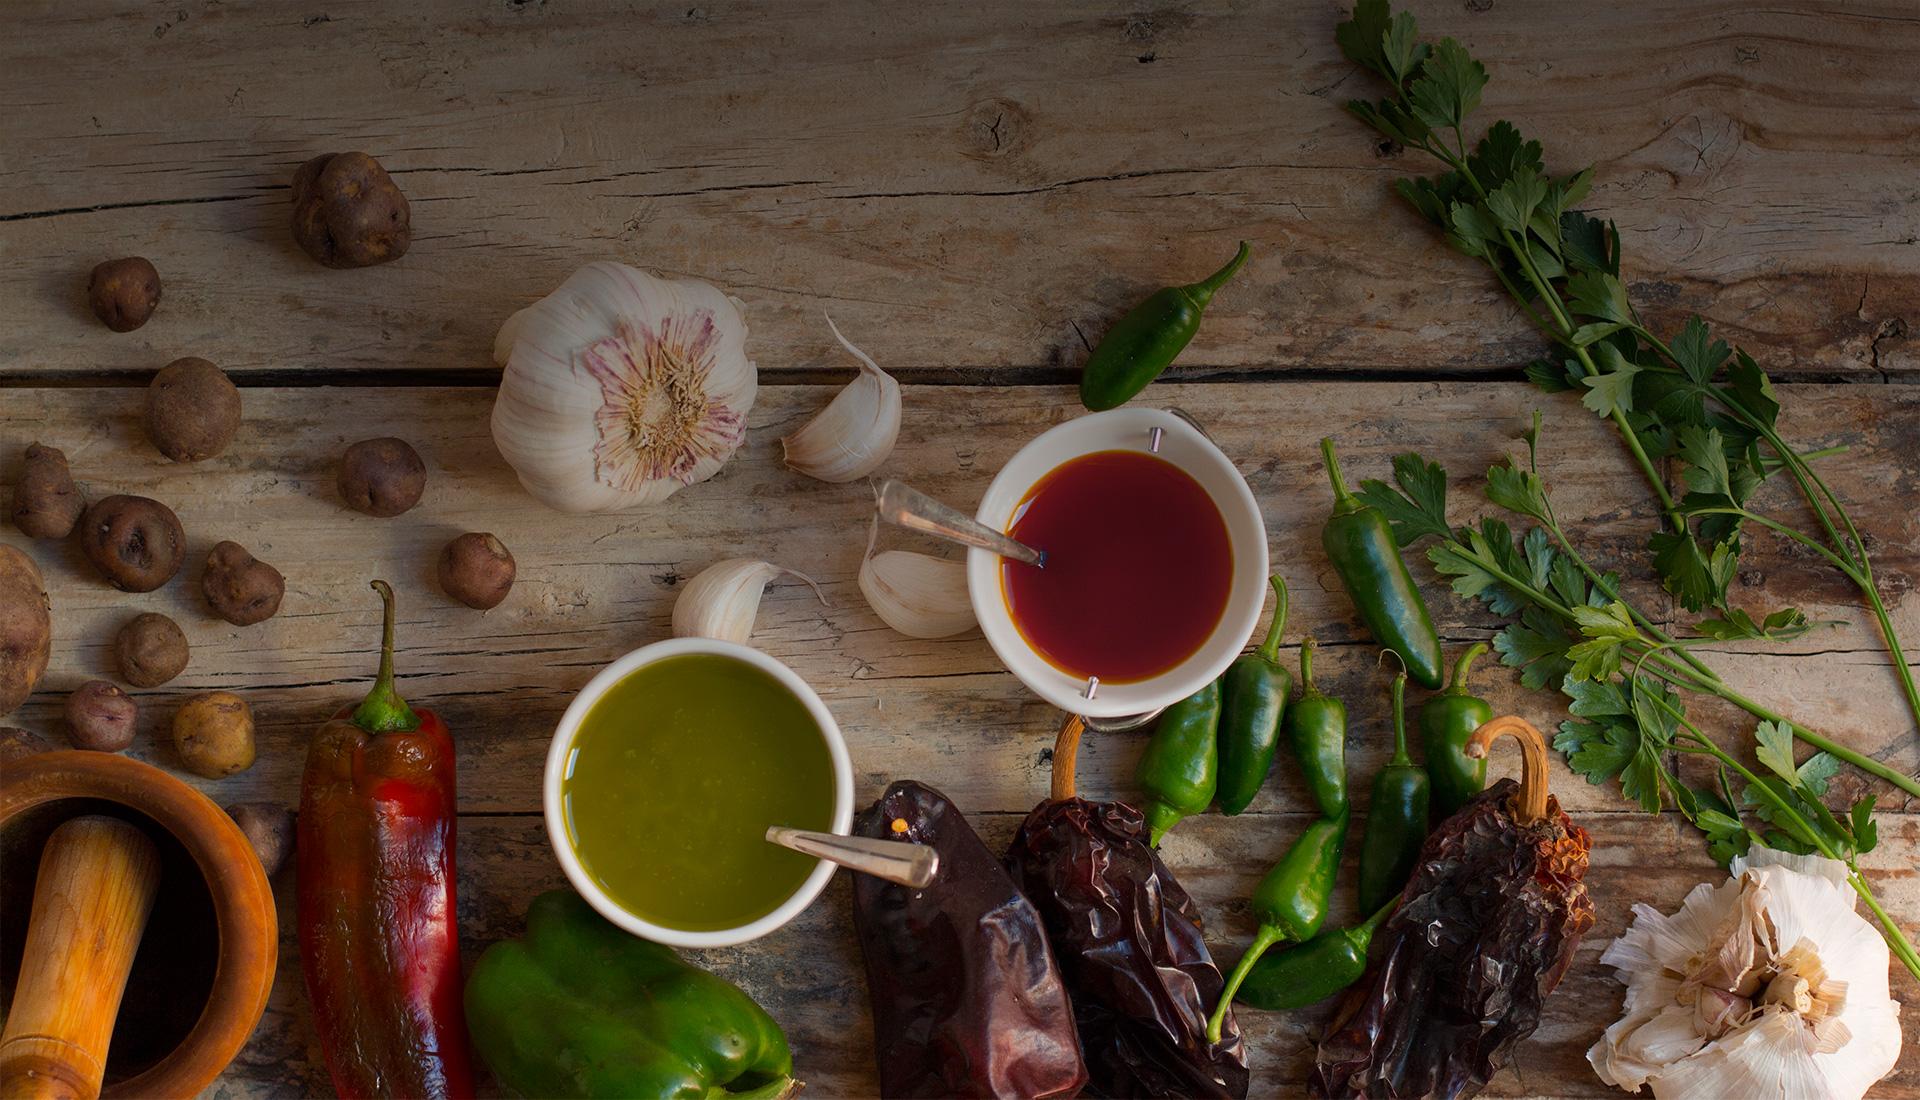 Contemporáneo únicos Utensilios De Cocina India Imágenes - Ideas Del ...